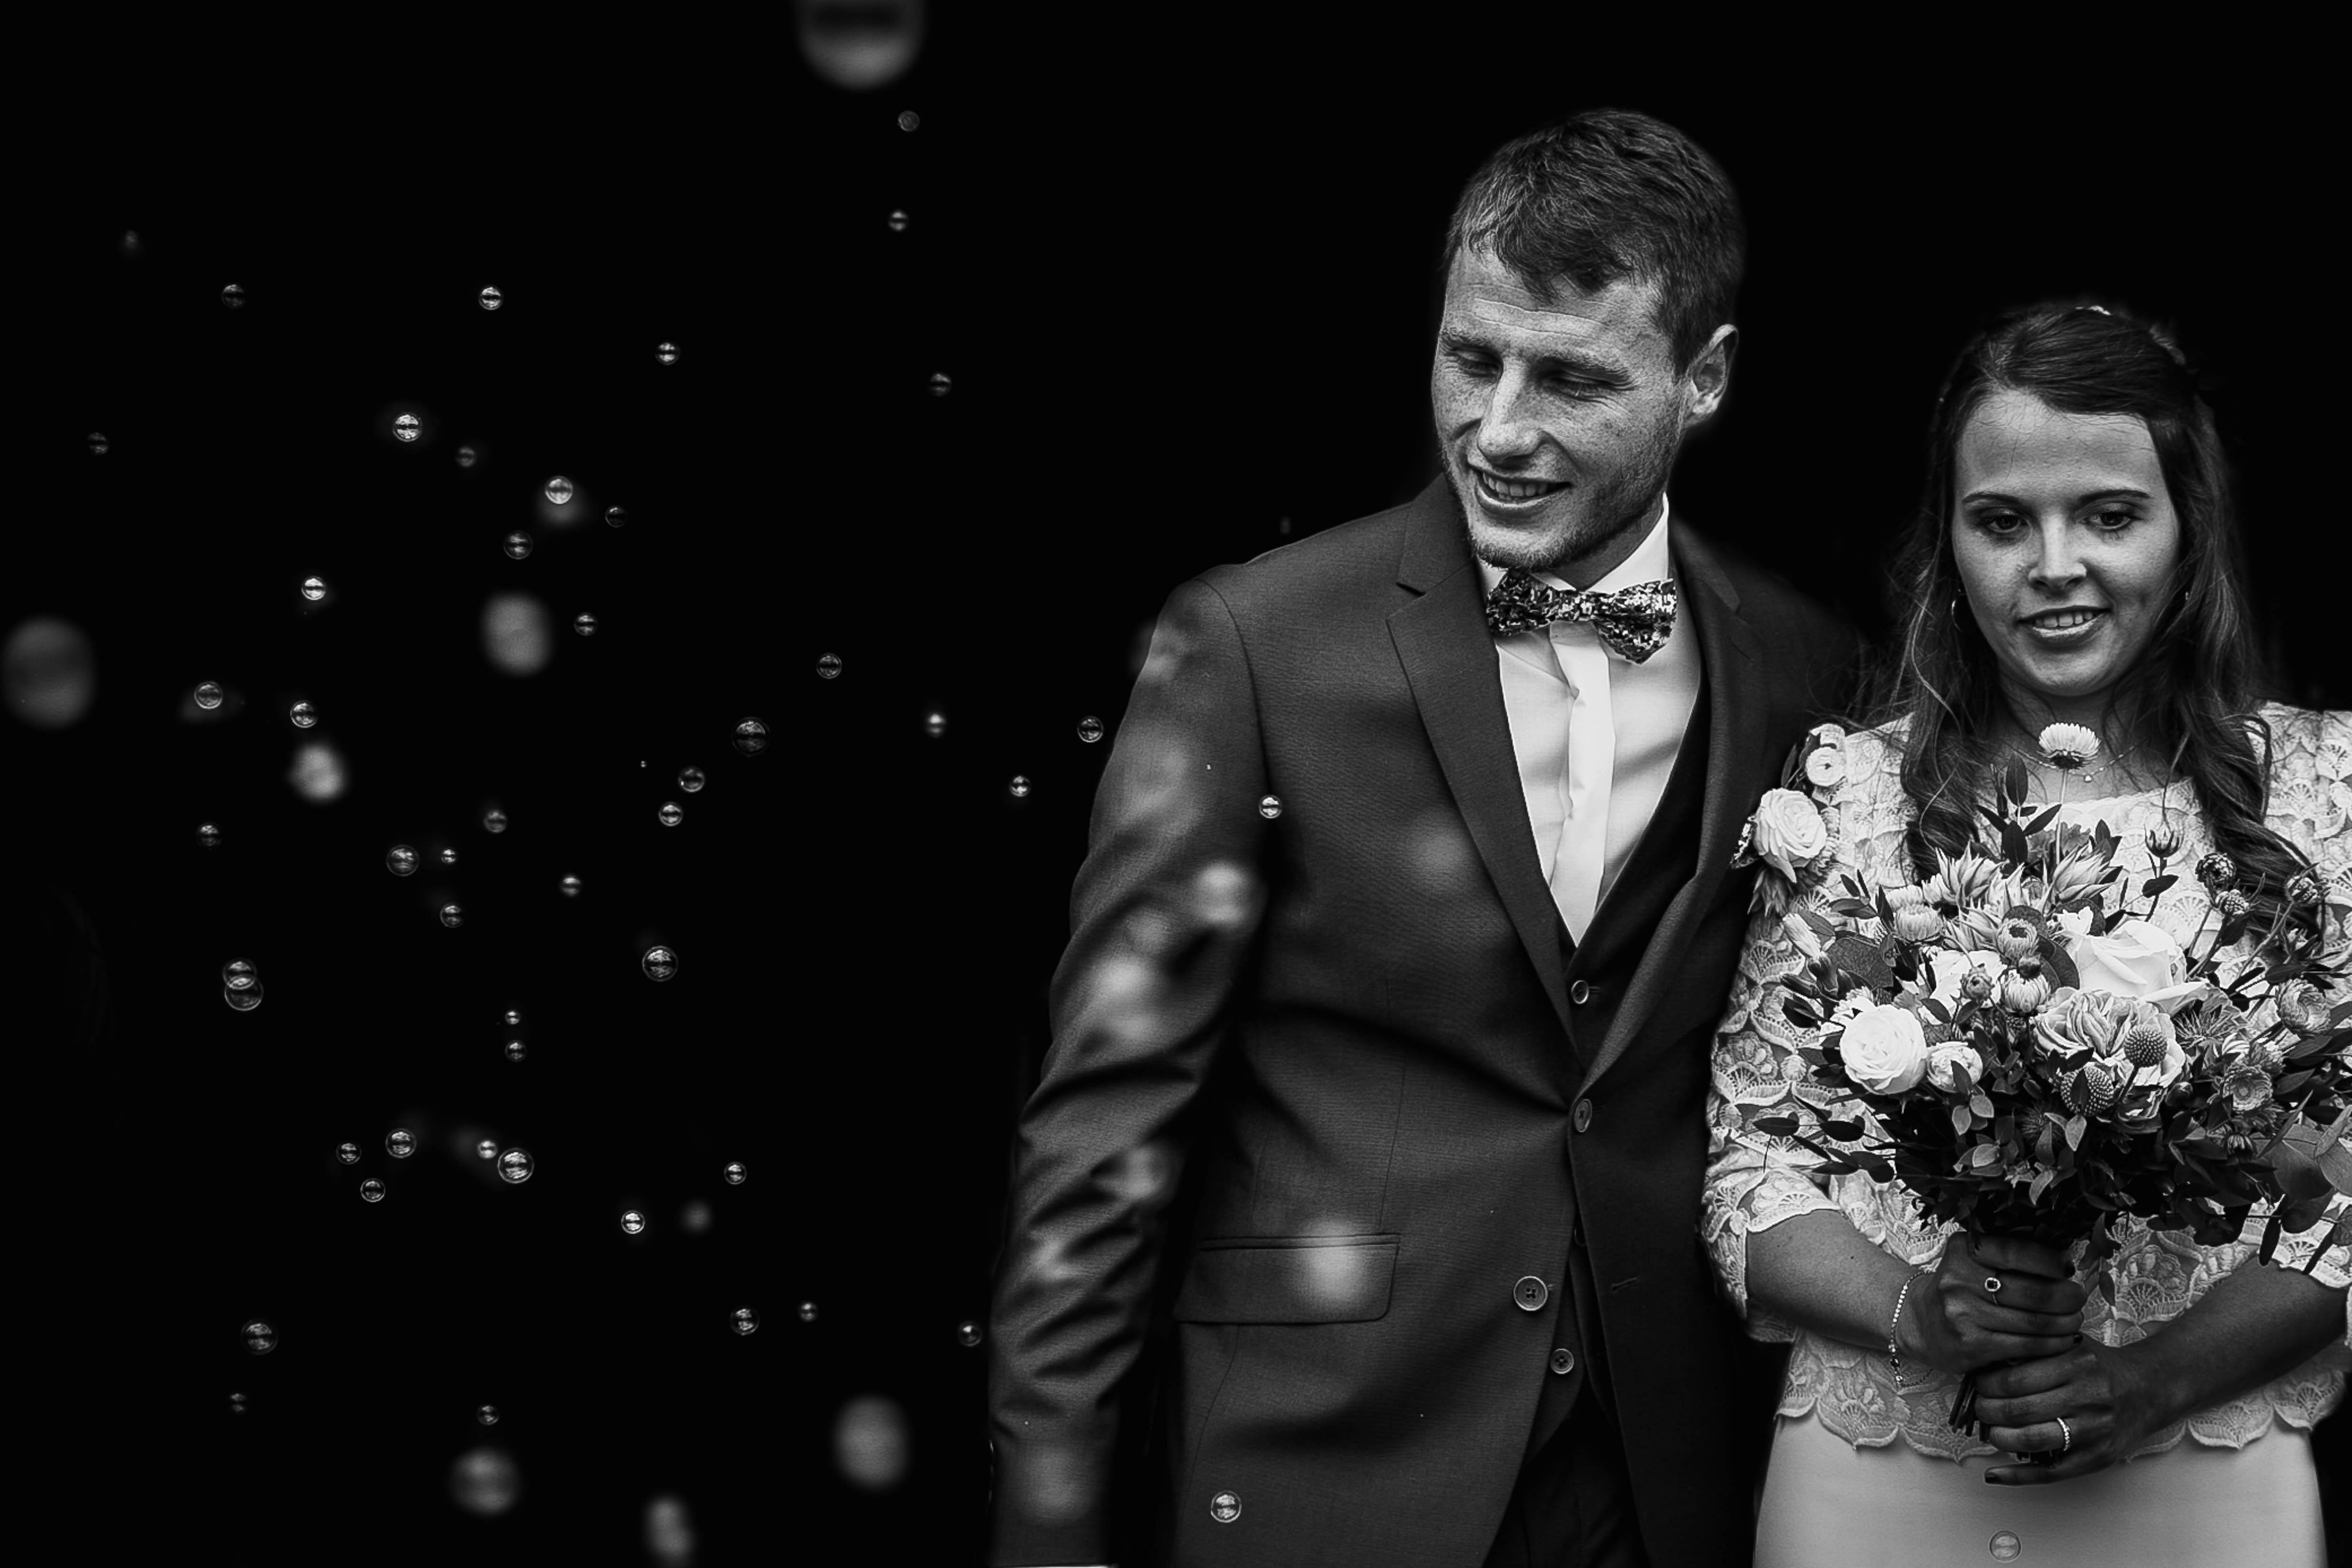 photographe mariage - normandie - calvados - sortie eglise avec bulles - mariage champetre en normandie - boheme chic